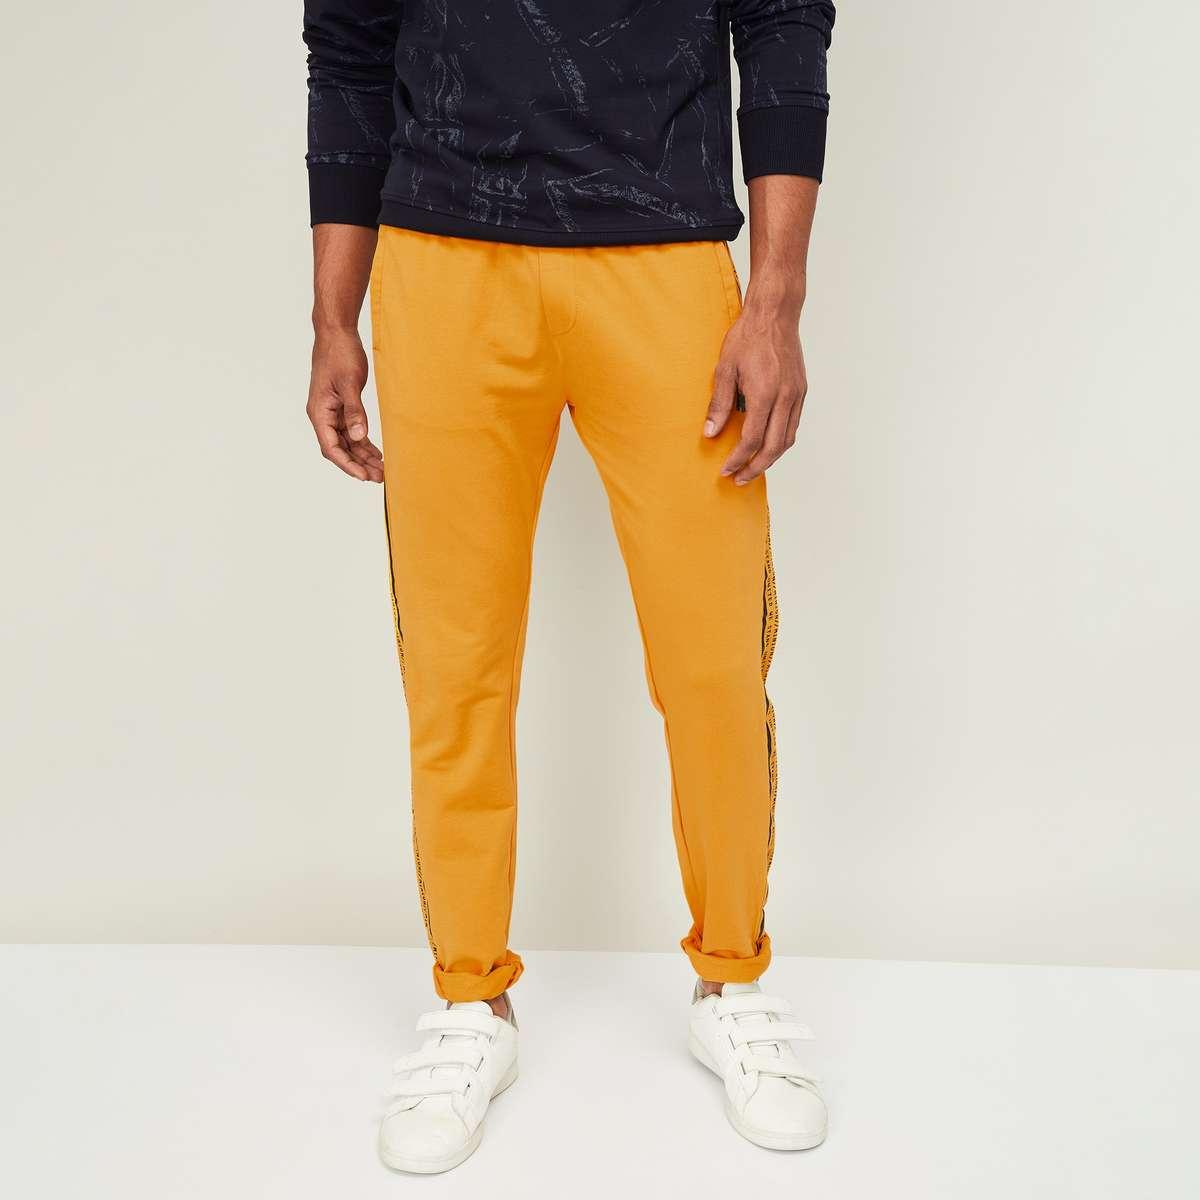 5.STATUS QUO Men Printed Elasticated Track Pants